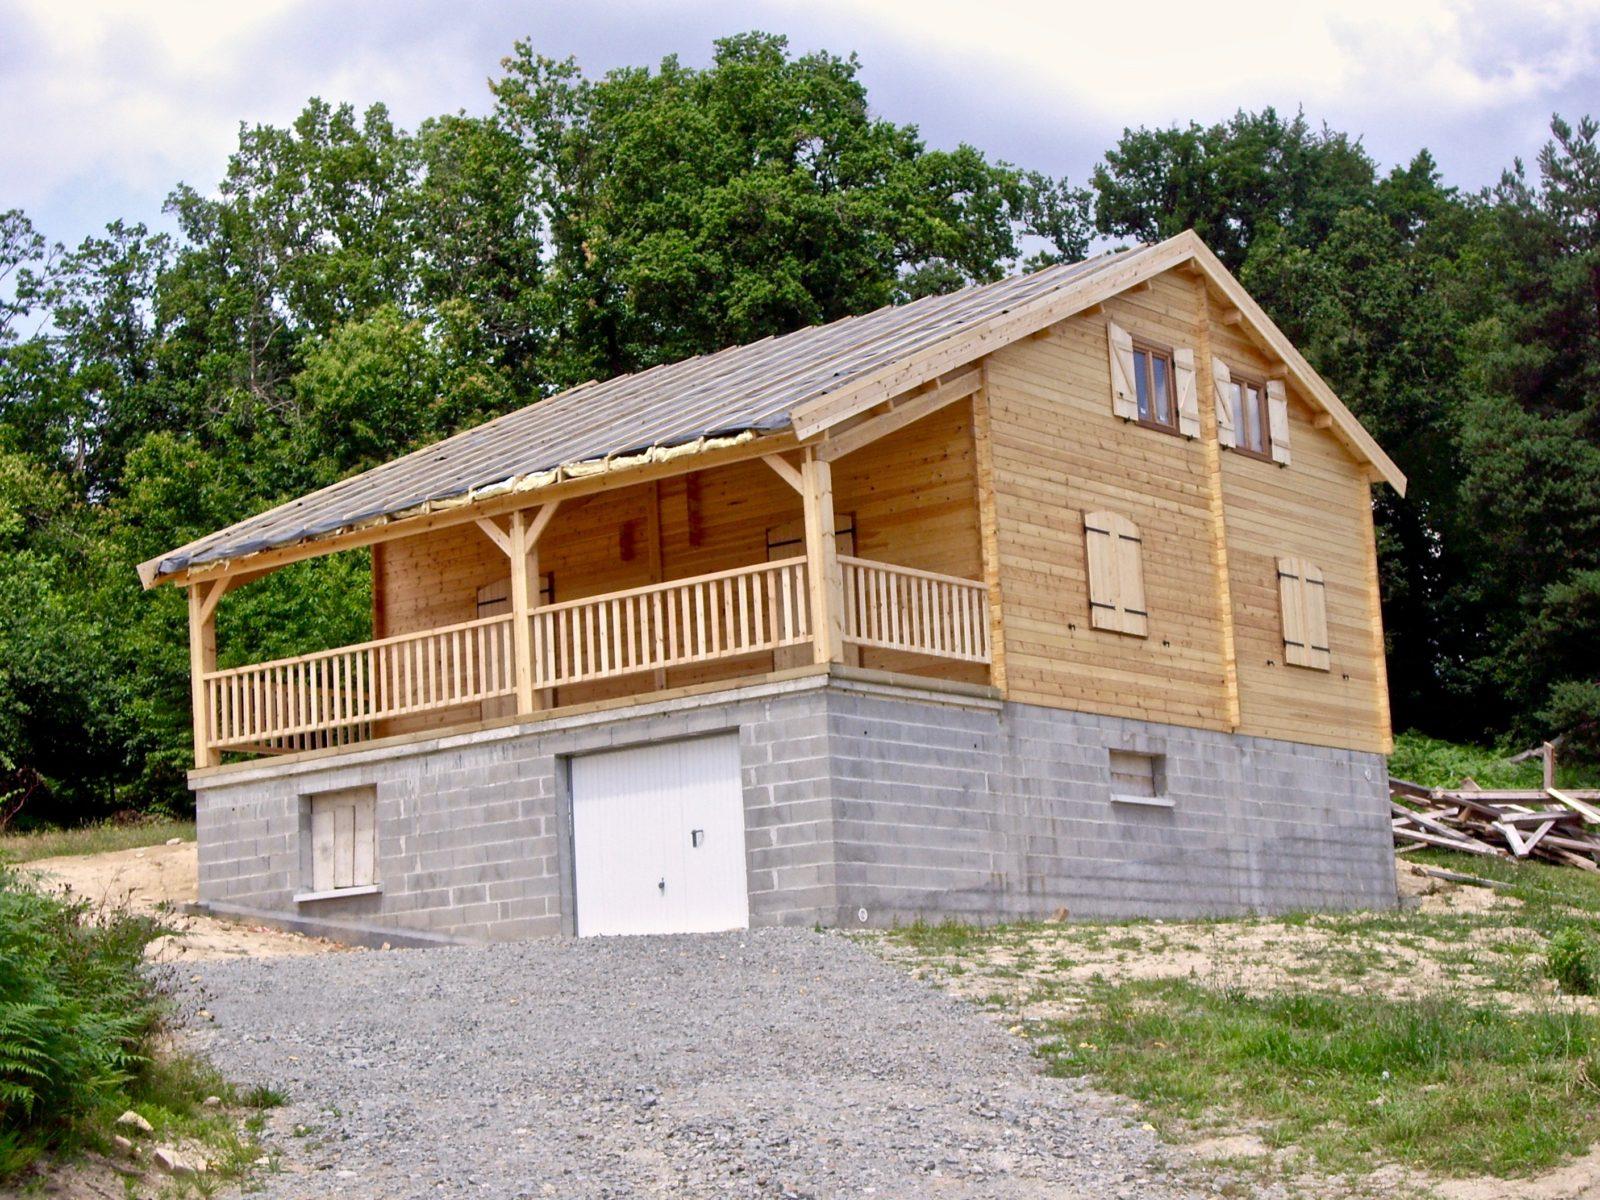 maison en madrier montagnarde1